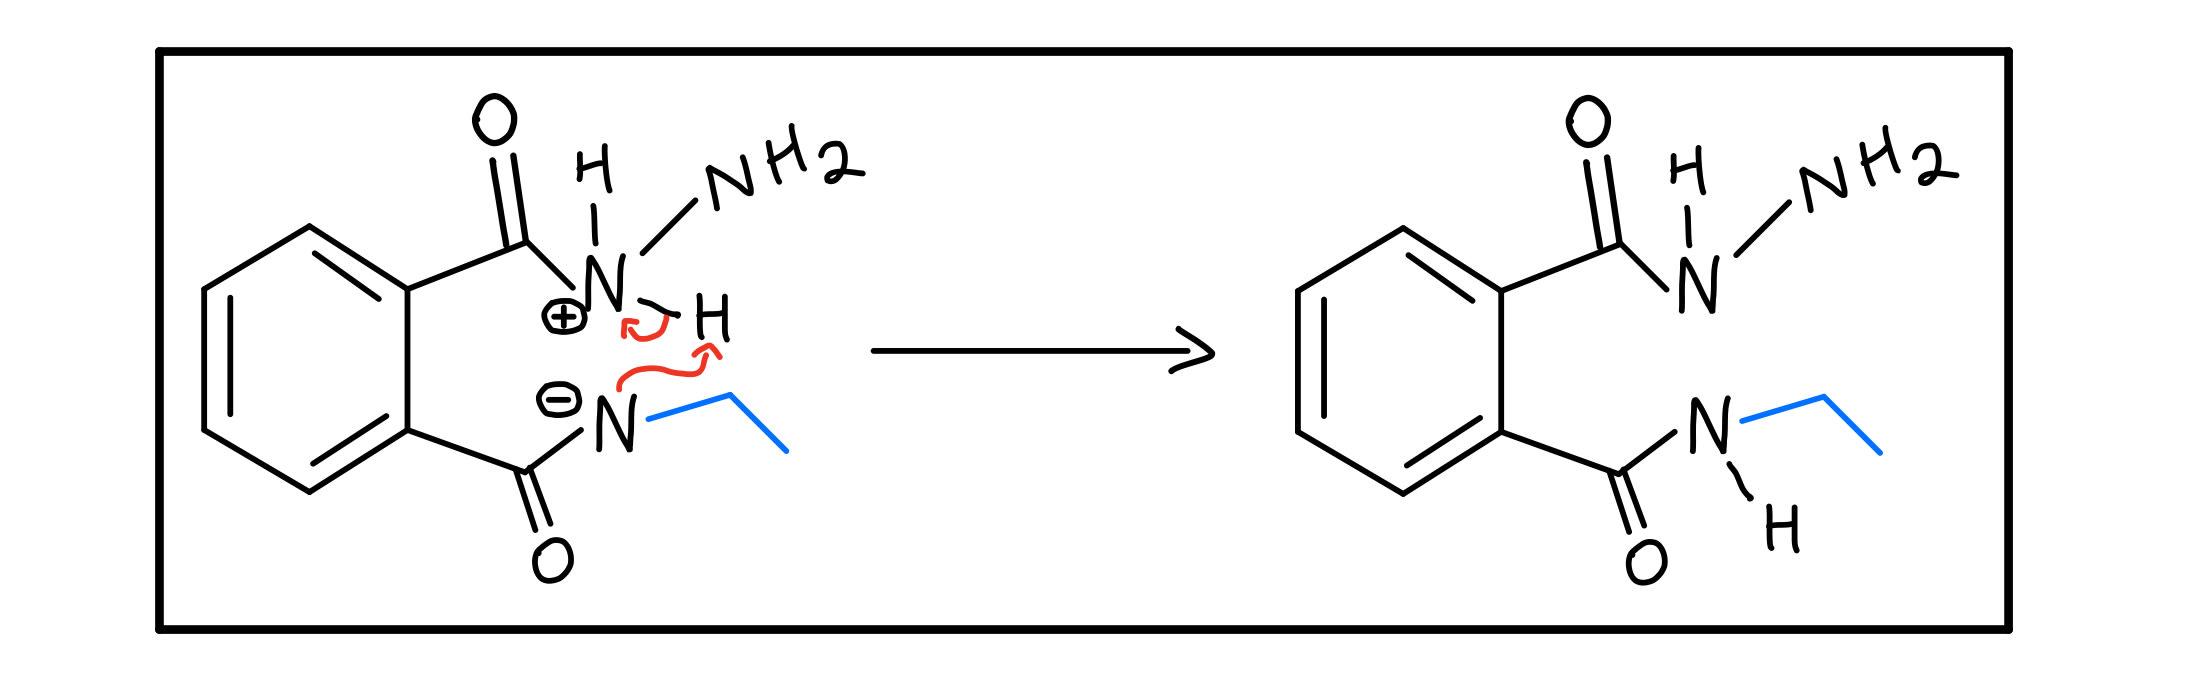 Intramolecular N-N proton transfer